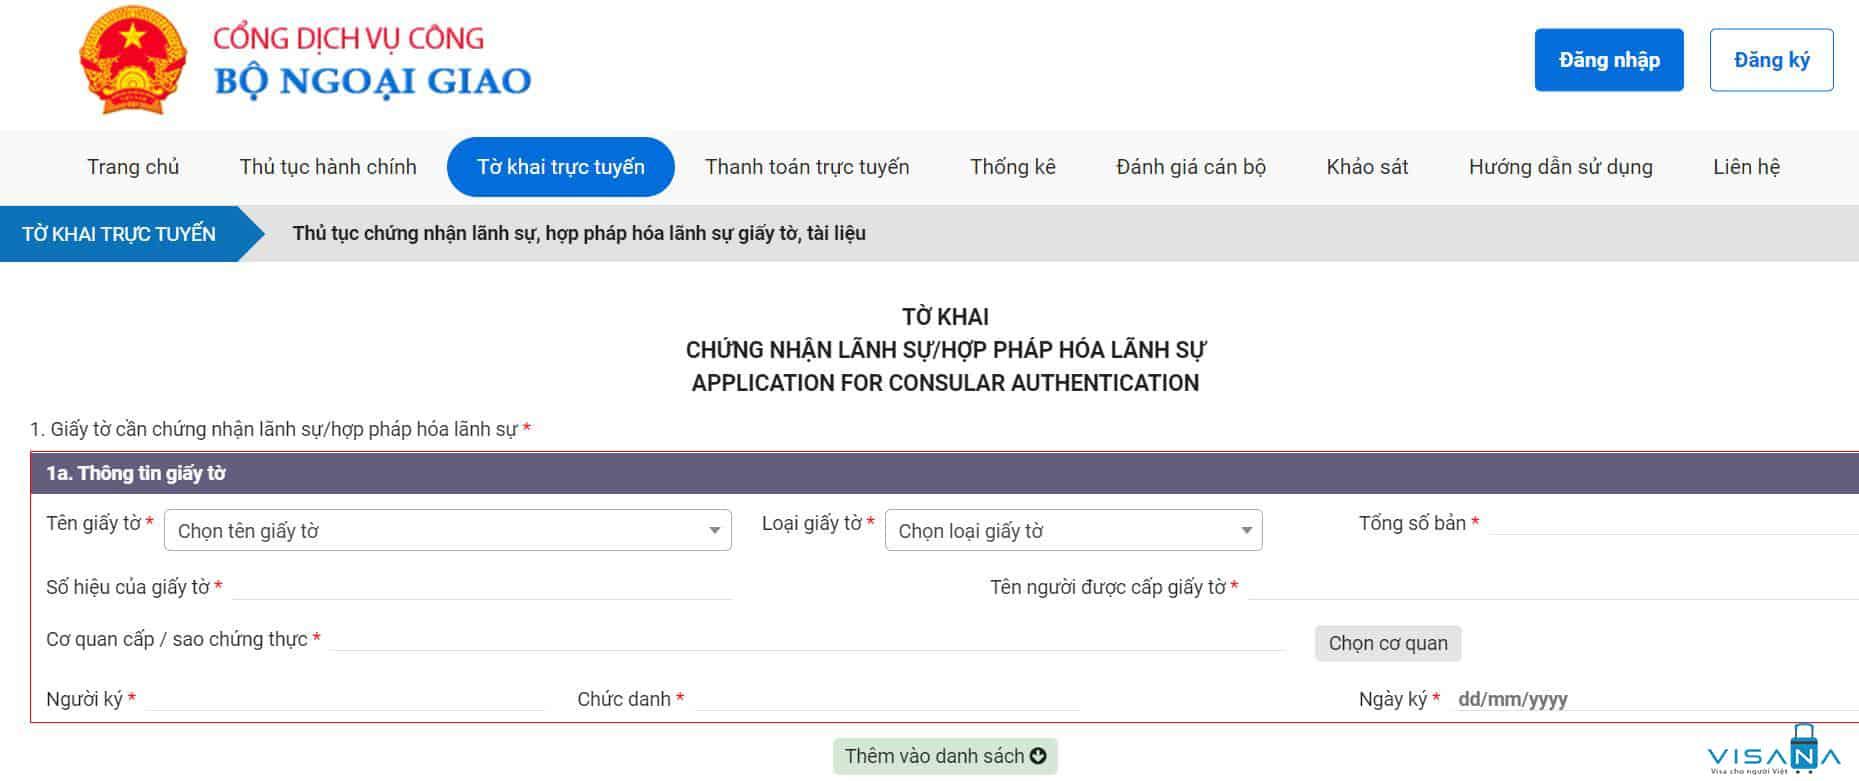 Mẫu tờ khai hợp pháp hóa lãnh sự tại Cục lãnh sự Hà Nội